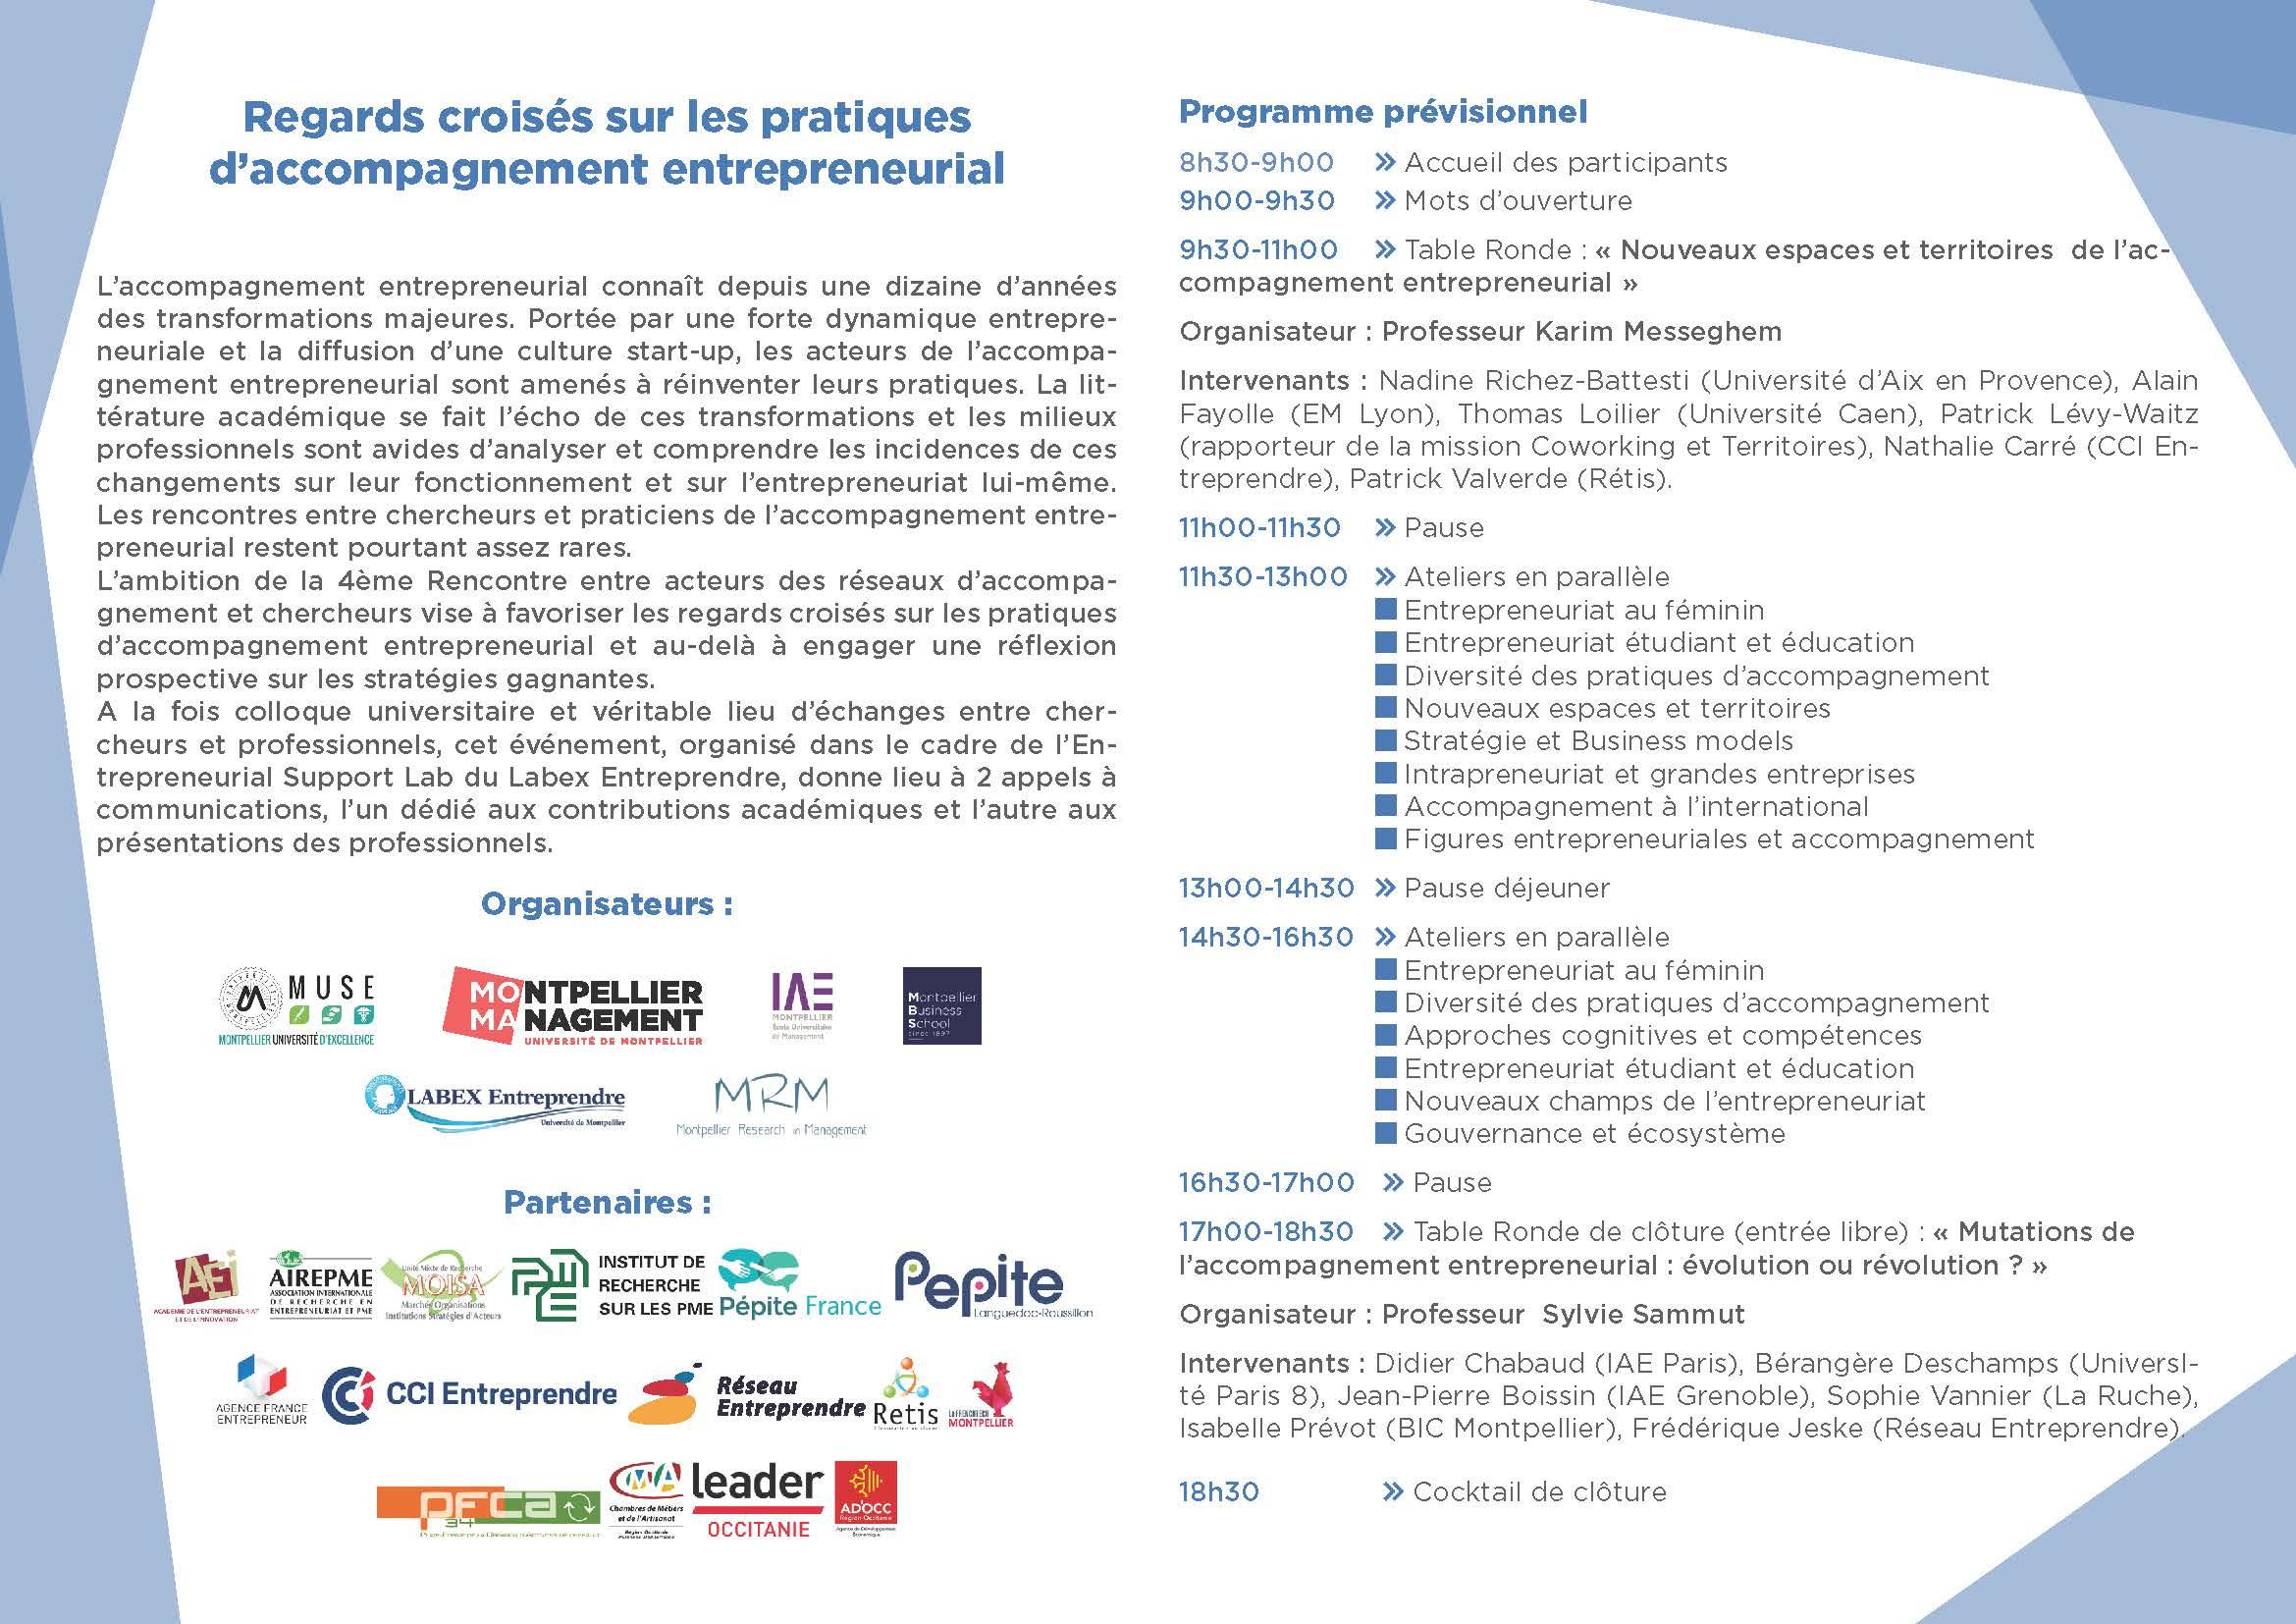 Entrepreneuriat-rencontre-2018_Montpellier-Management_Pré programme 1